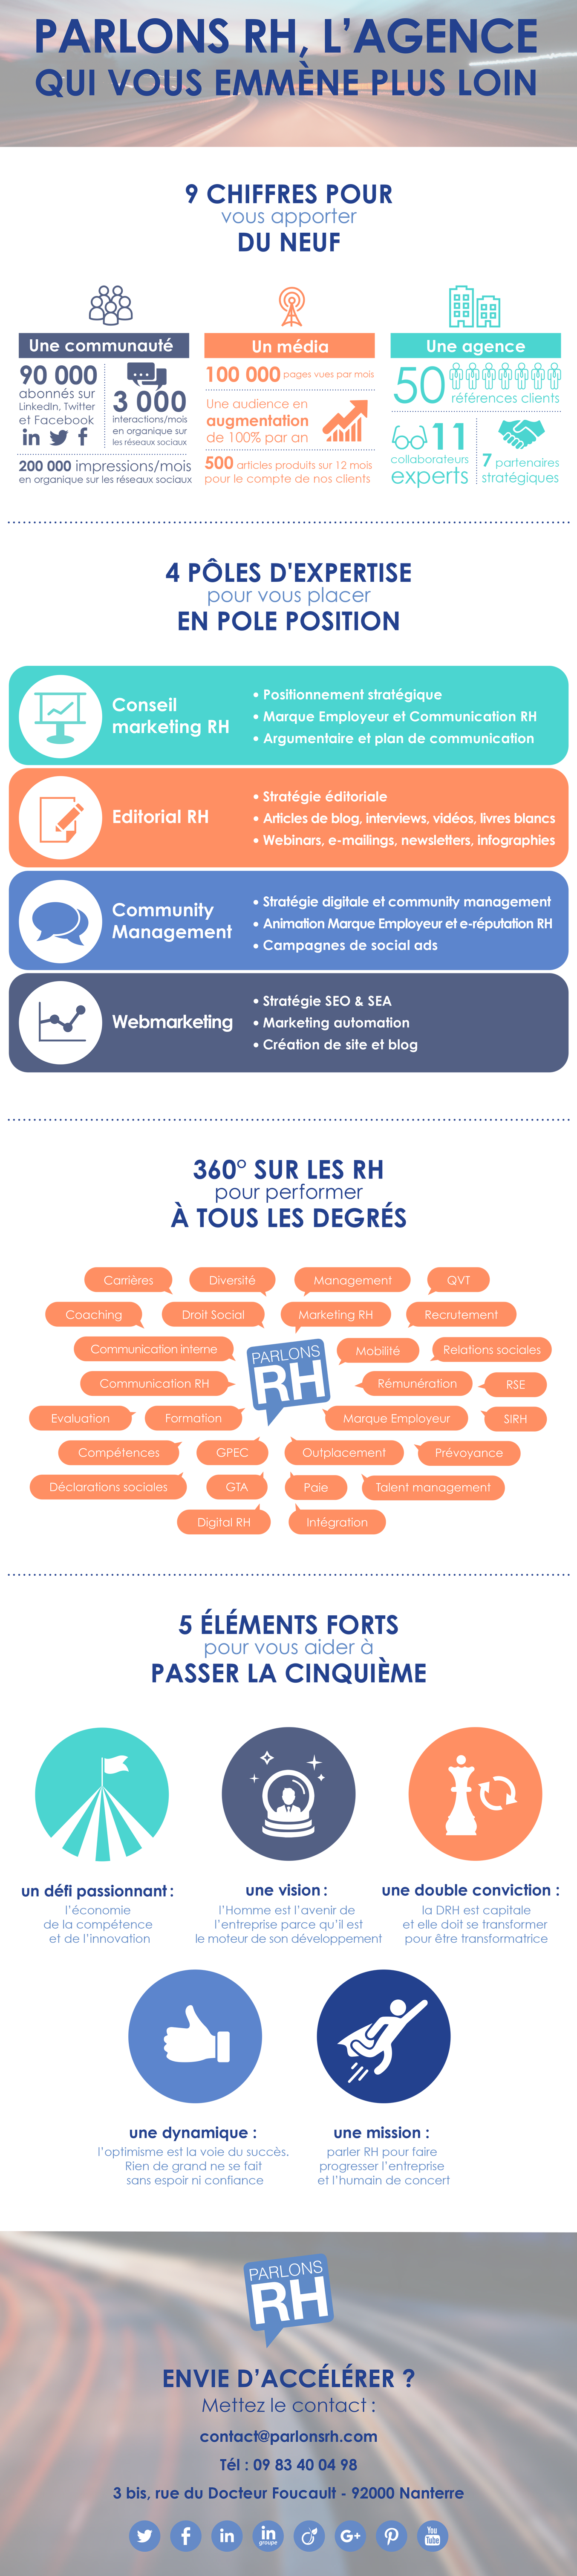 Infographie RH : les chiffres clés de l'agence Parlons RH